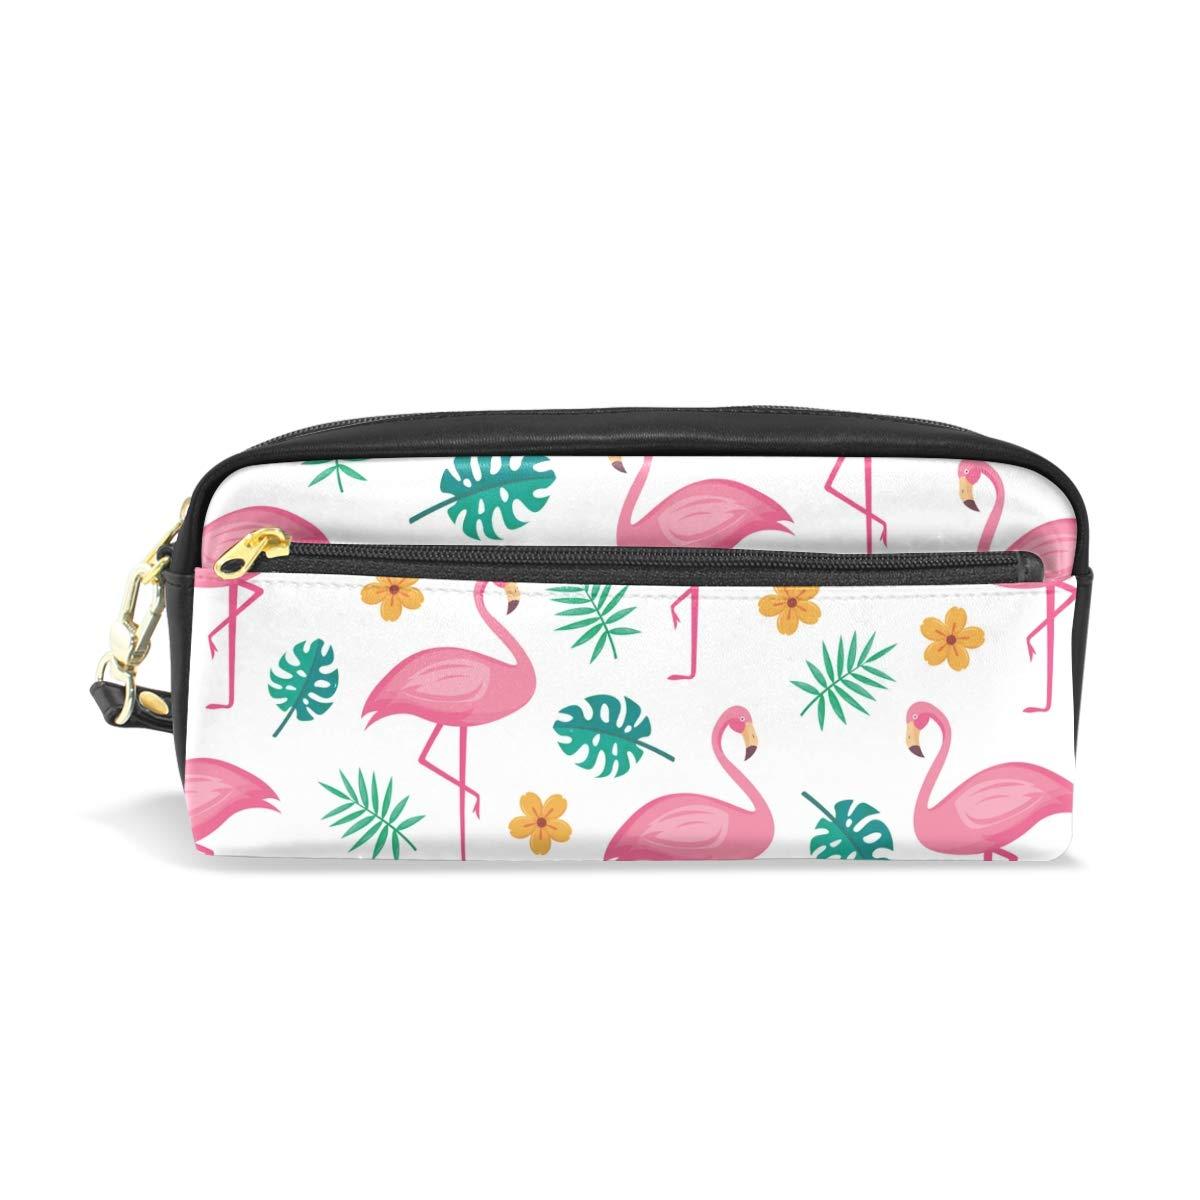 Flamingo - Estuche para lápices con compartimentos para niños, escuela, mujer, bolsos de cosméticos pequeños: Amazon.es: Oficina y papelería